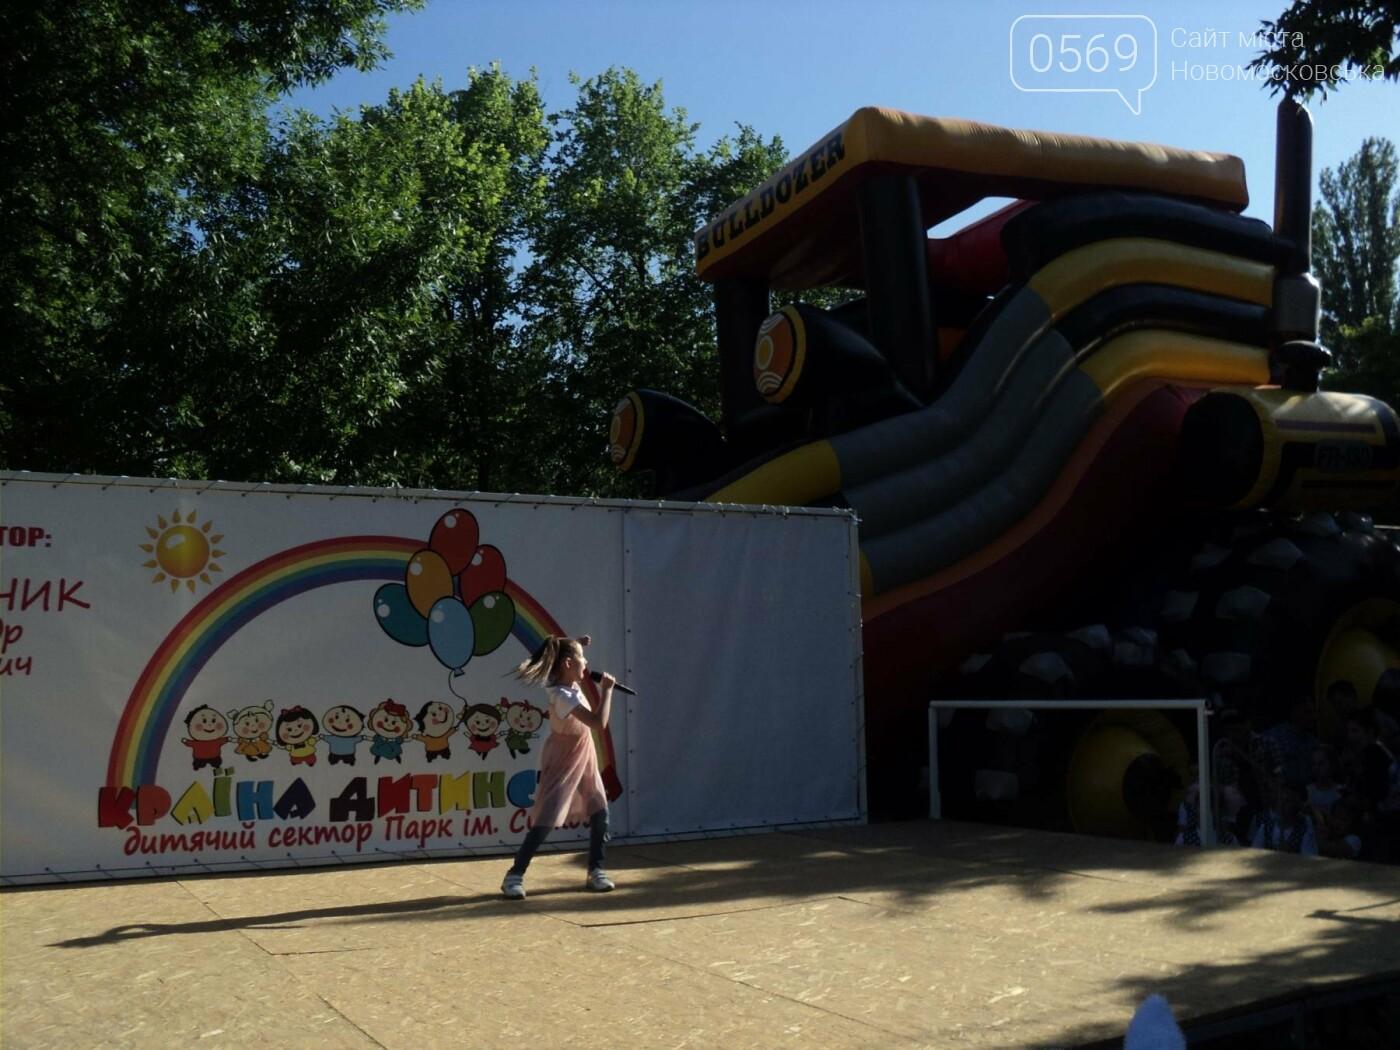 Юні артисти Новомосковська влаштували яскравий концерт до Міжнародного дня захисту дітей, фото-12